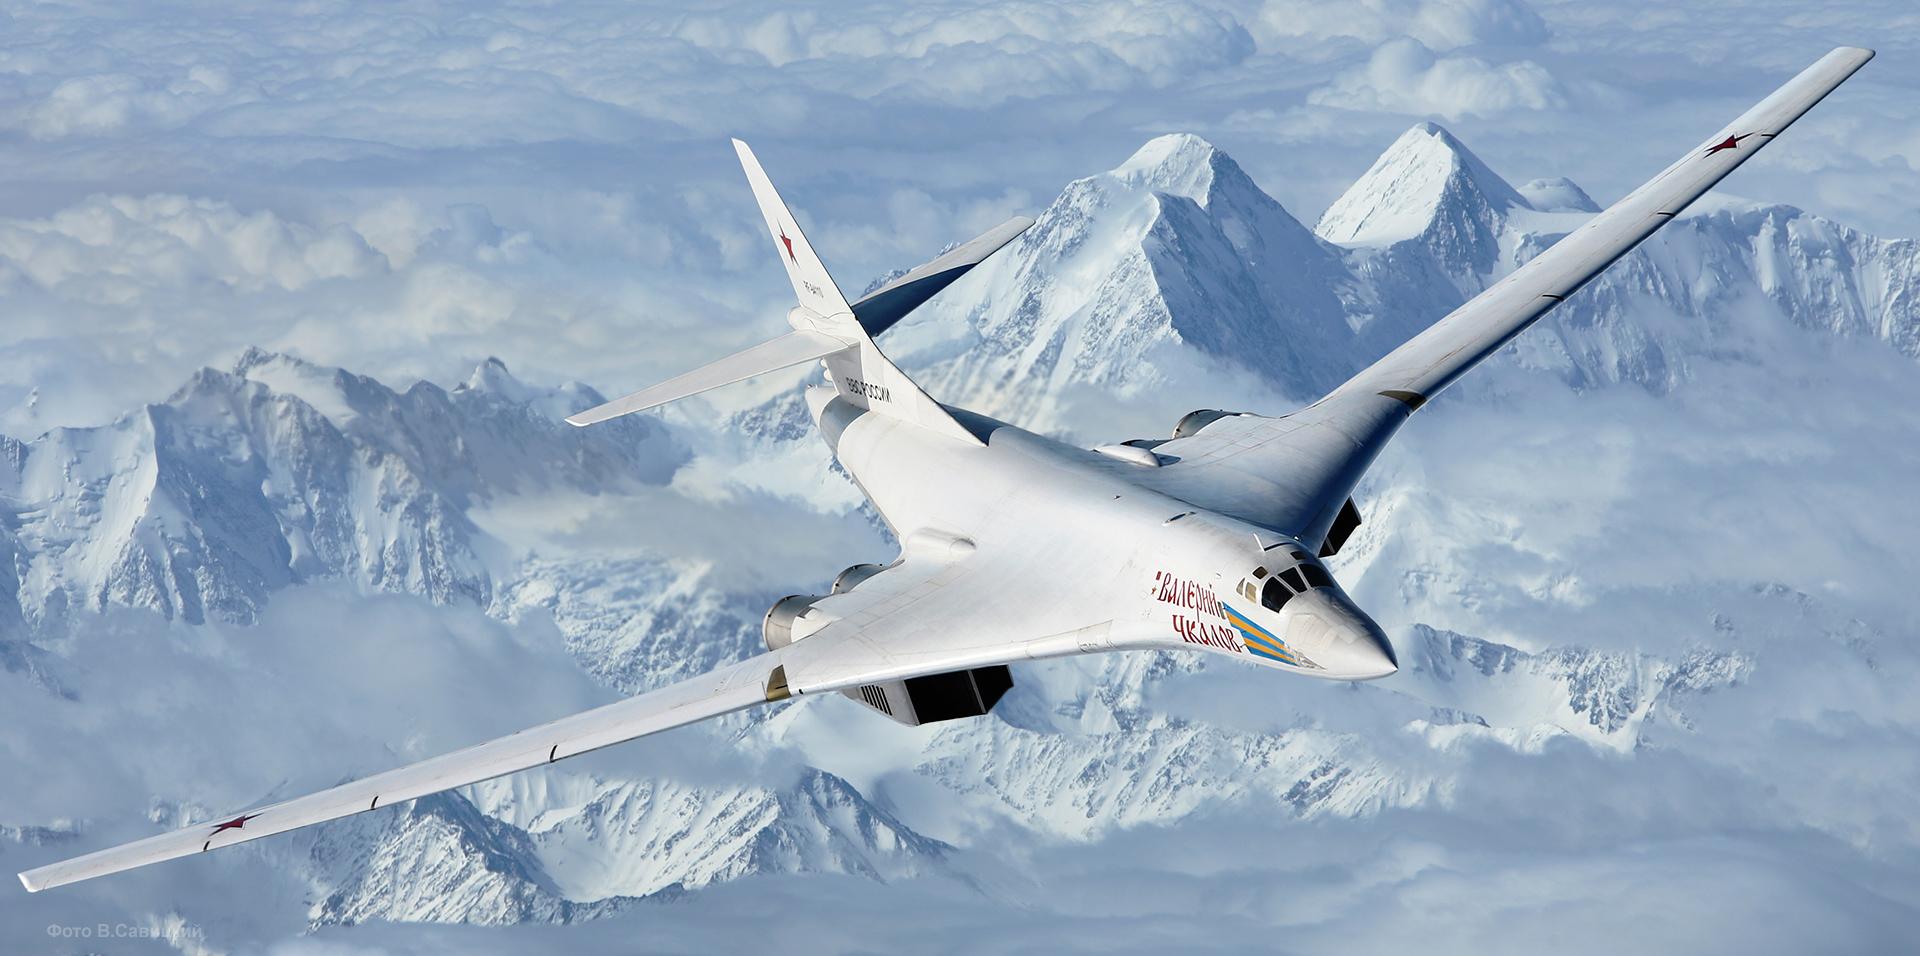 Россия возрождает производство не имеющих аналогов авиадвигателей НК-32